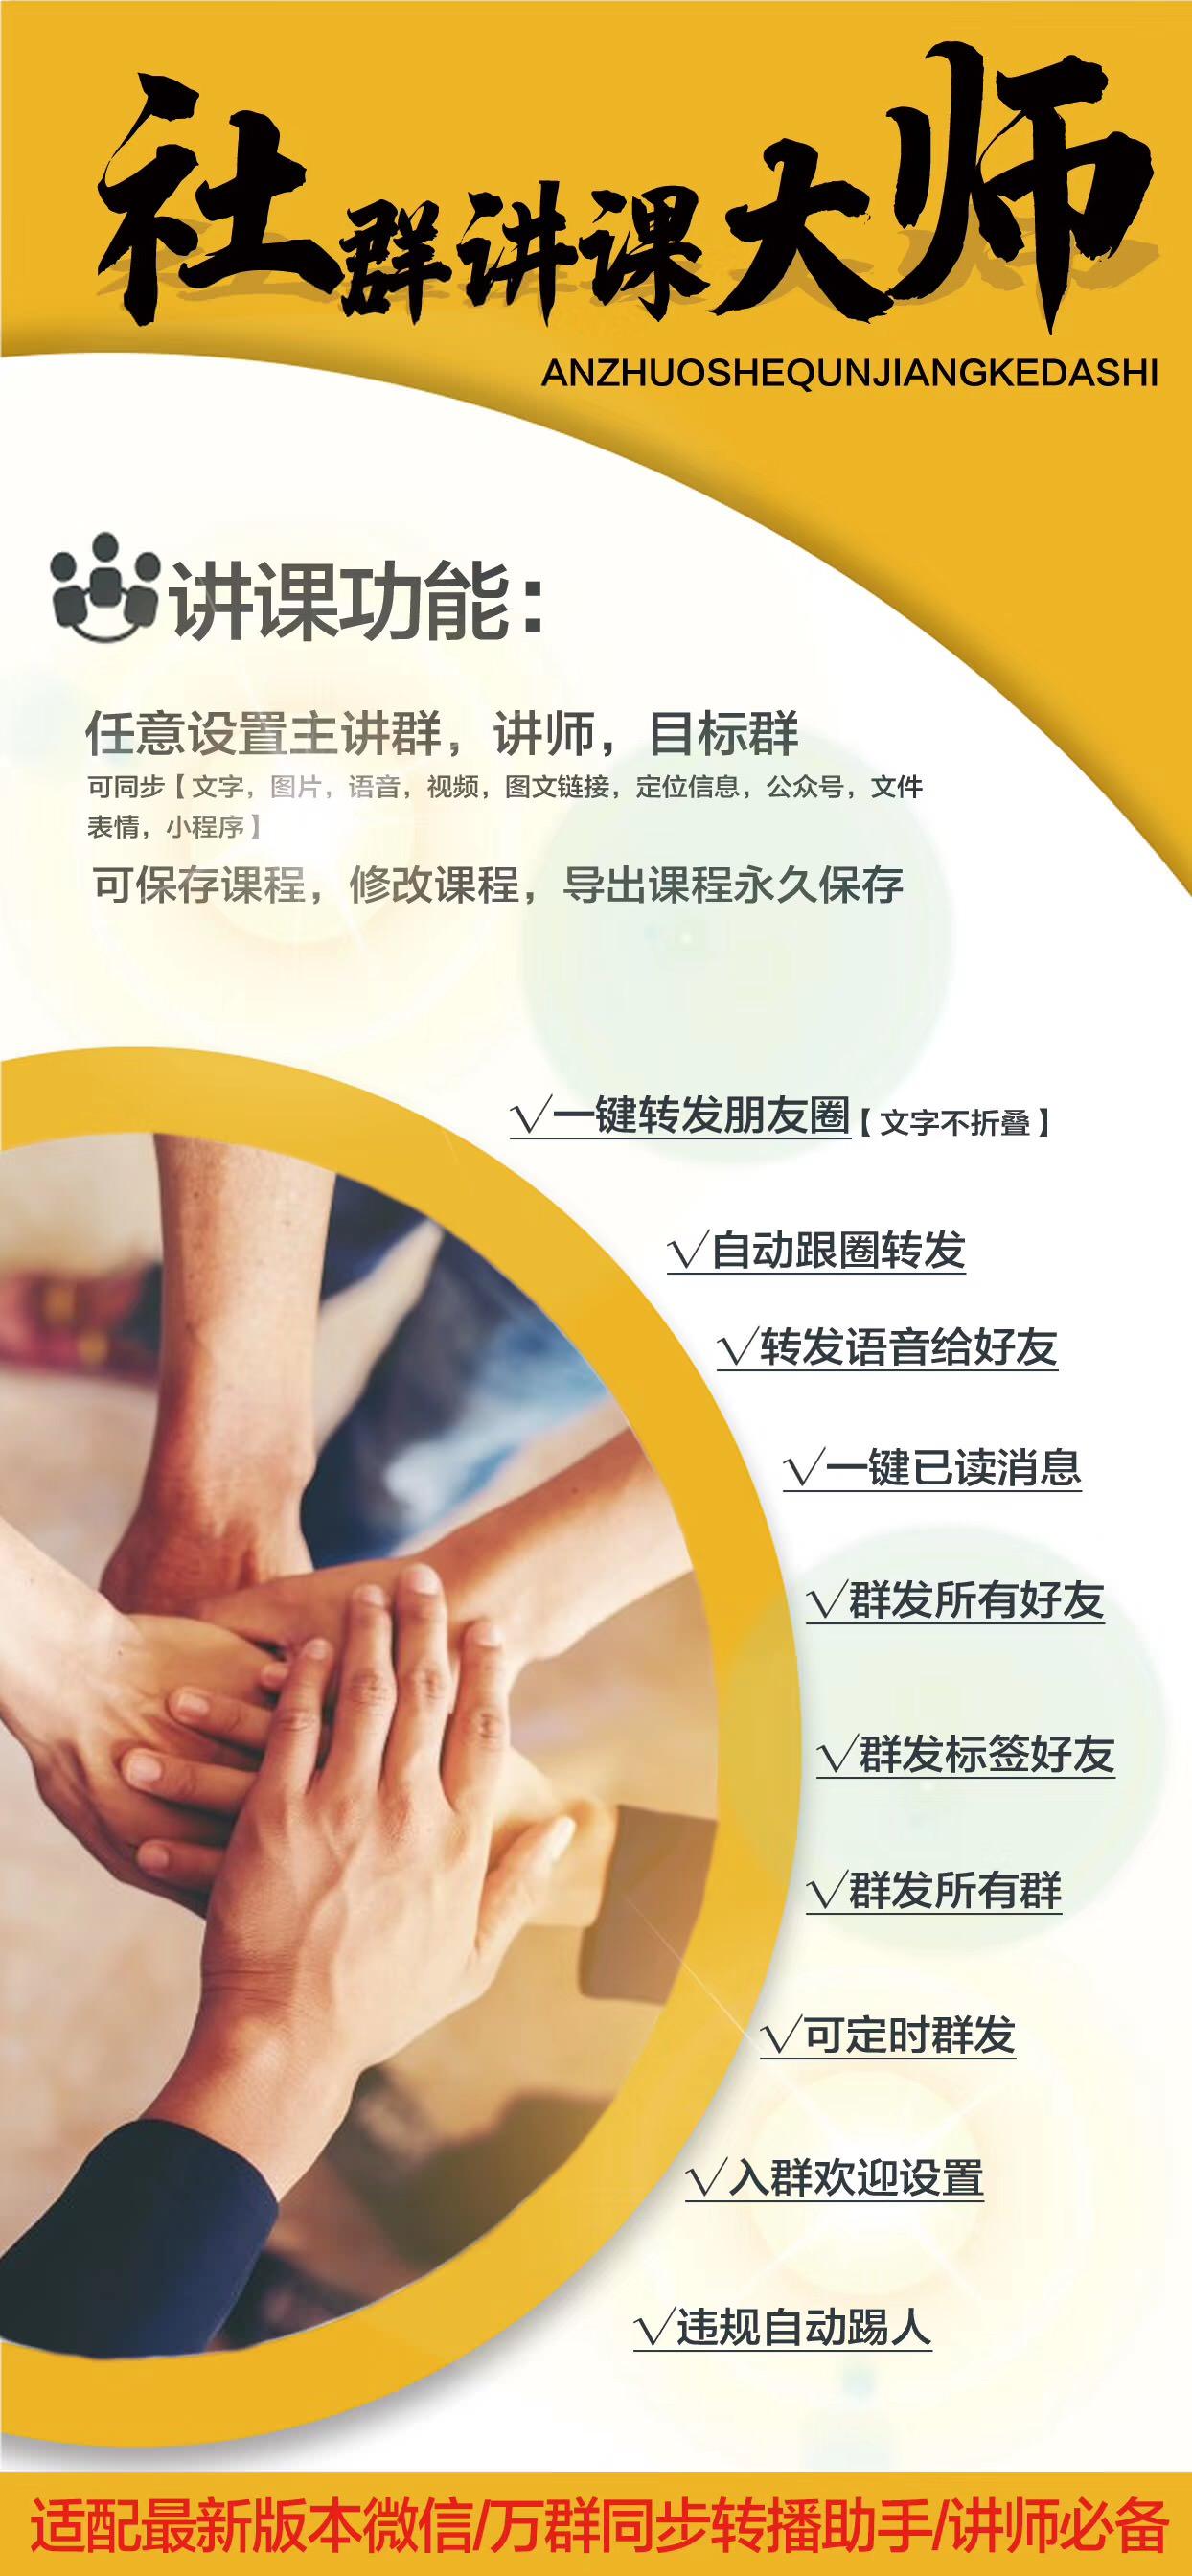 【社群讲课大师官网】年卡安卓支持最新版7.05微信讲课必备群直播语音视频图片文字